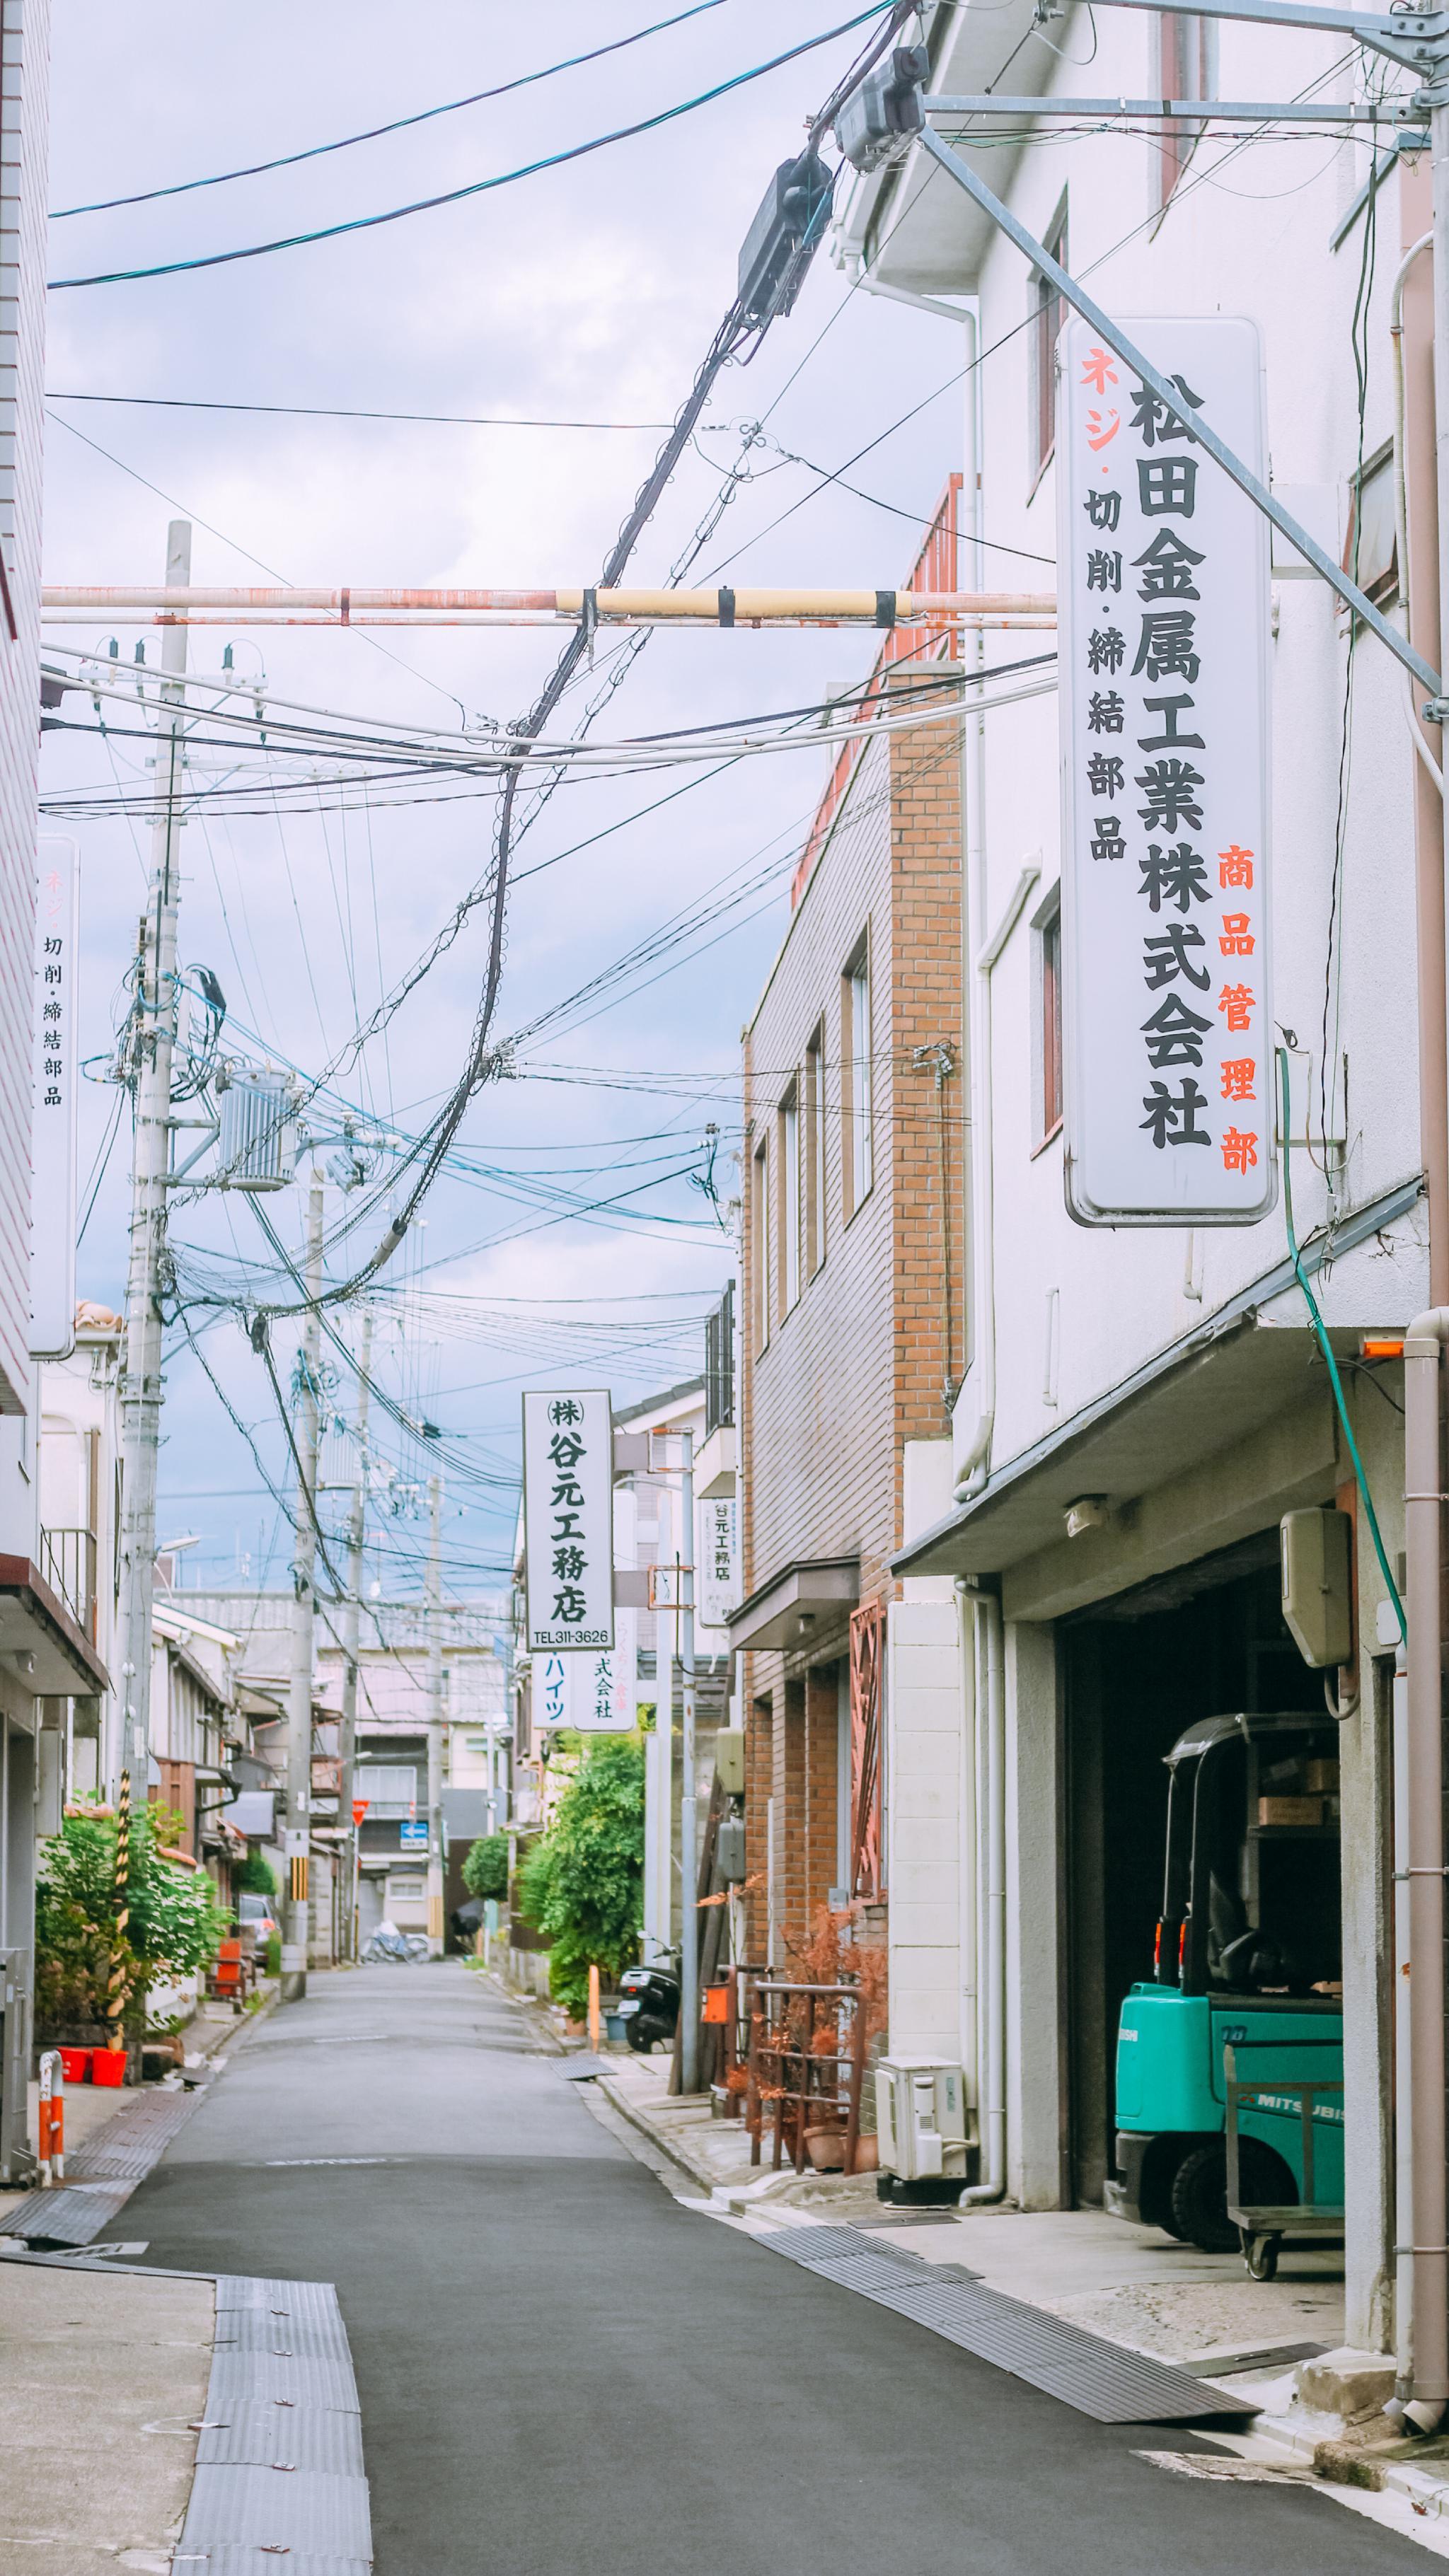 日本街道_日本街道壁纸 vol.2*